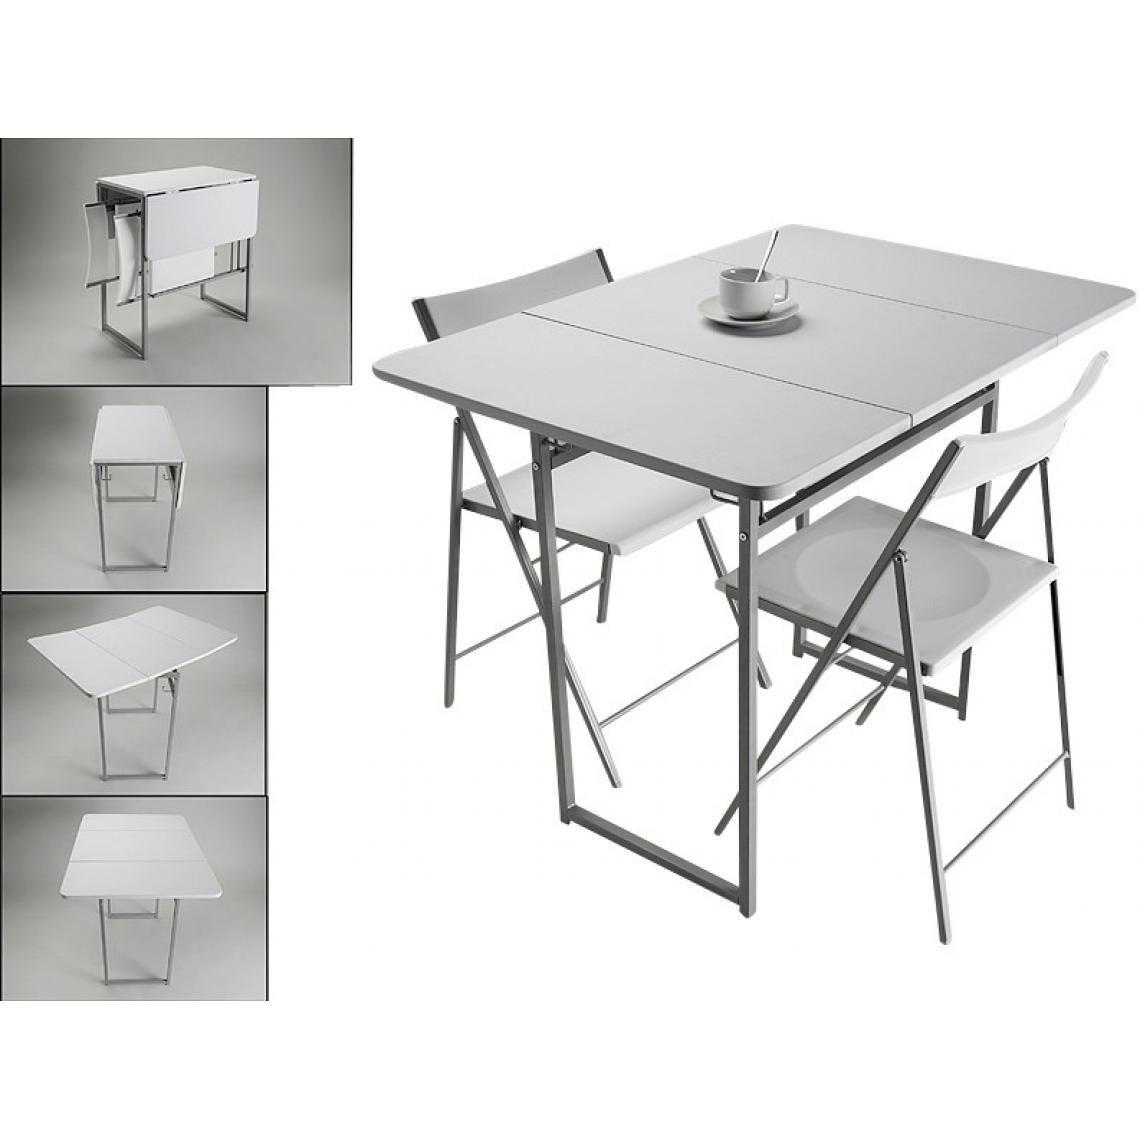 Table Pliante Et 2 Chaises Blanches En Bois Kingston Table Salle A Manger Table Pliante Table Et Chaises